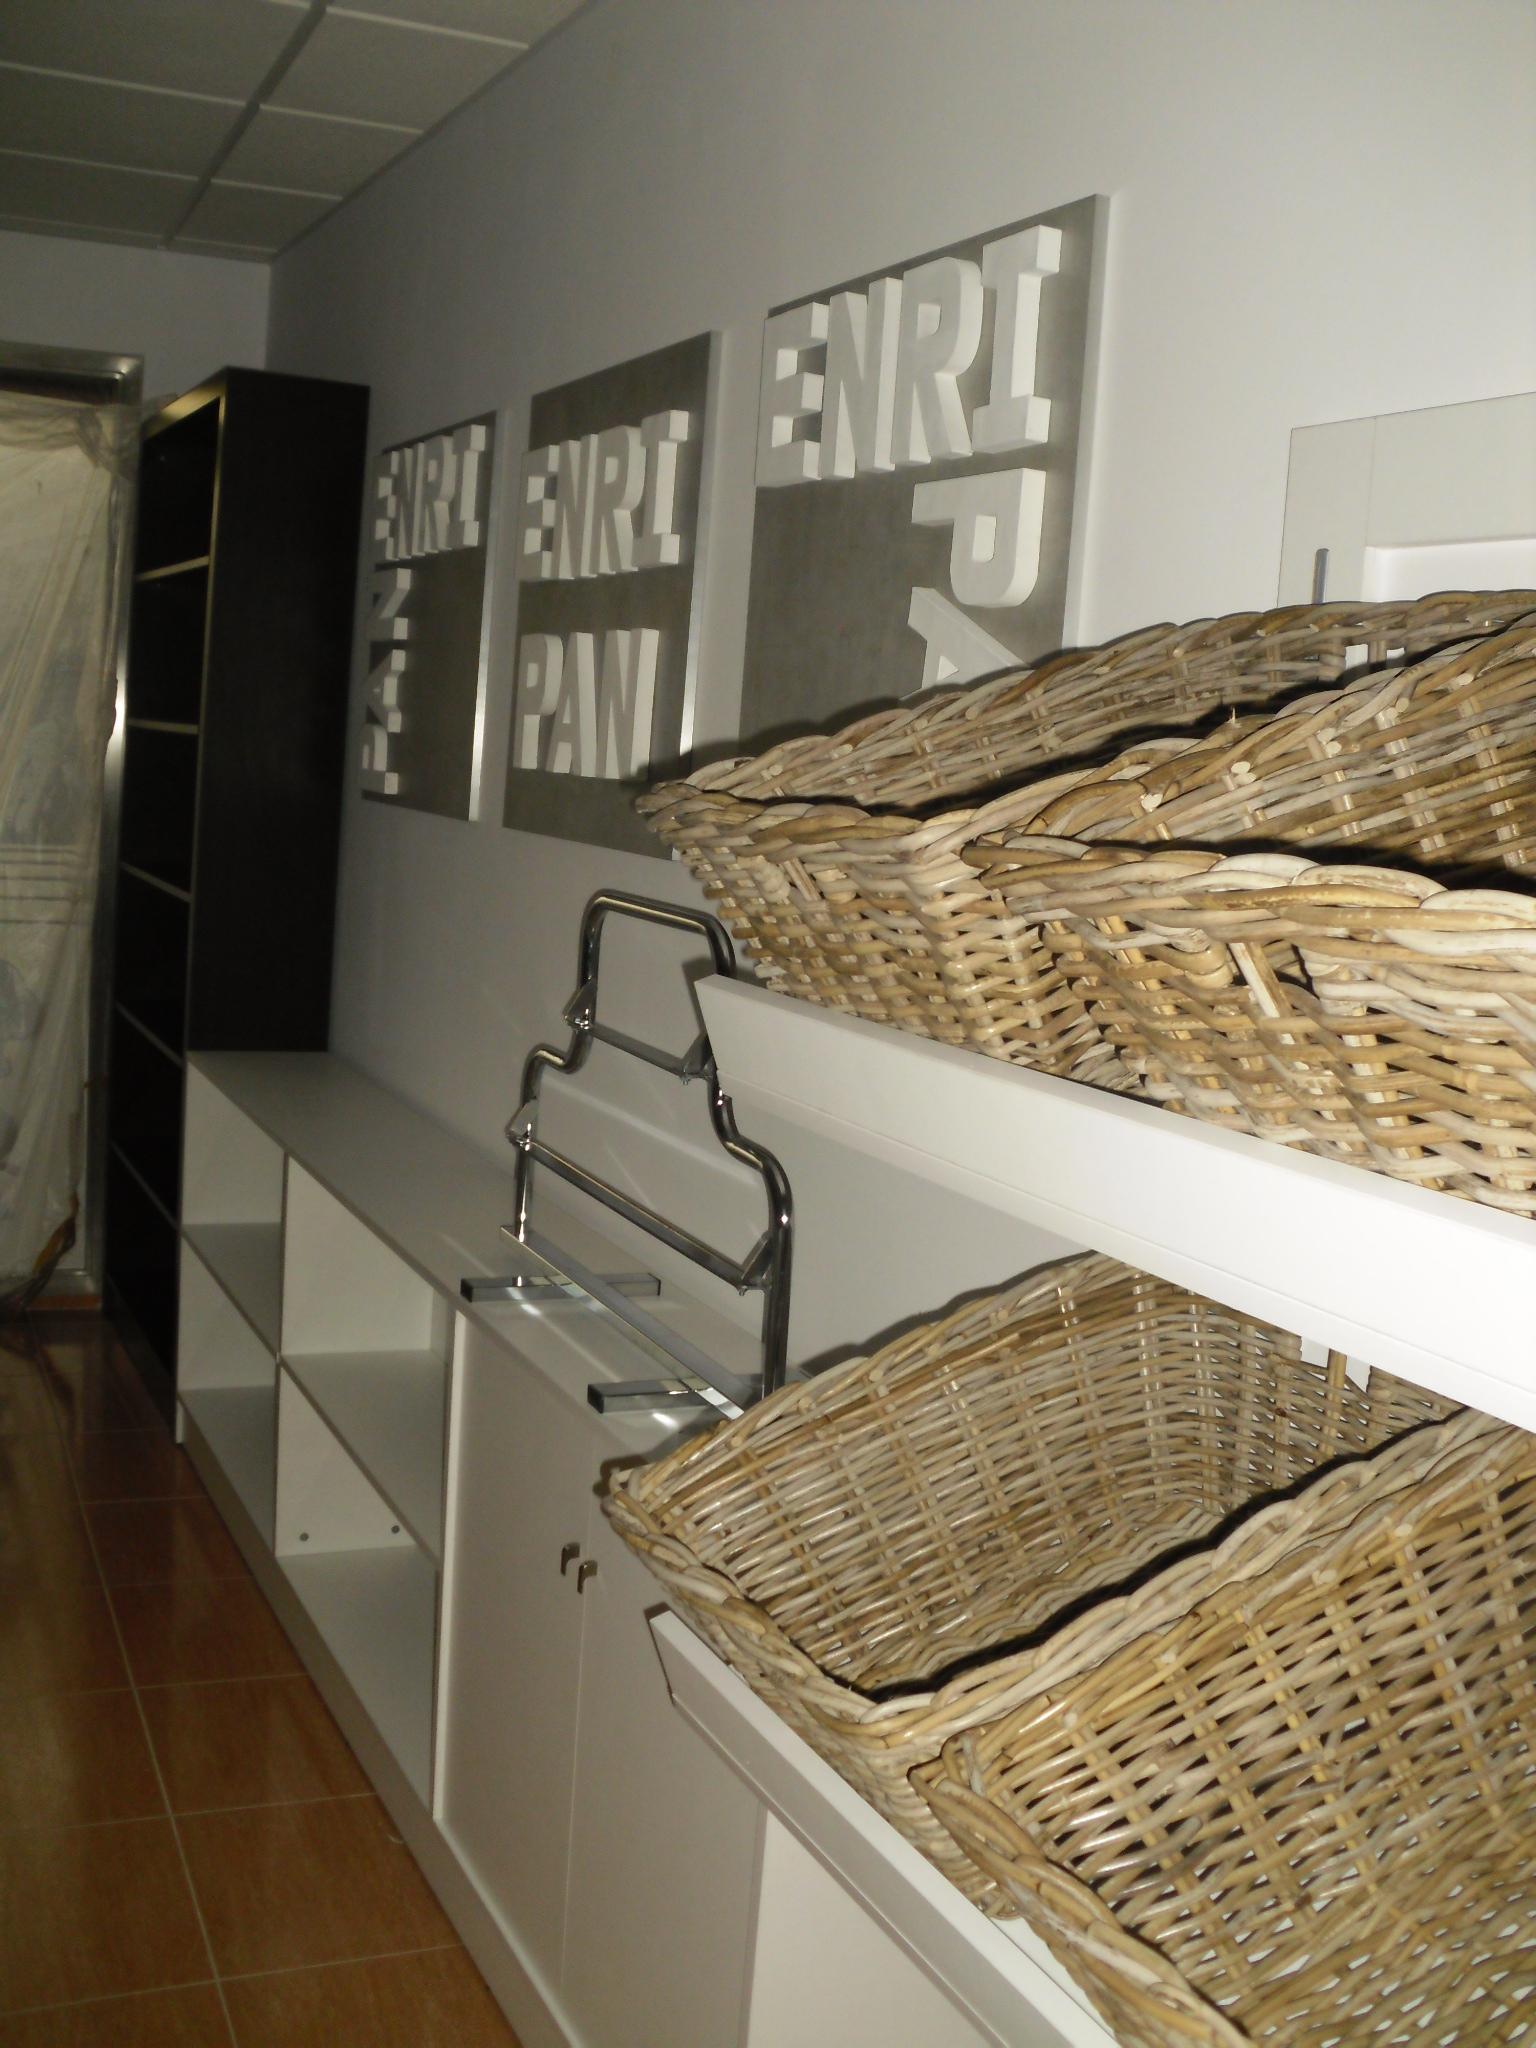 Mobiliario y decoracion cool mobiliario alta decoracin u - Mobiliario y estilo ...